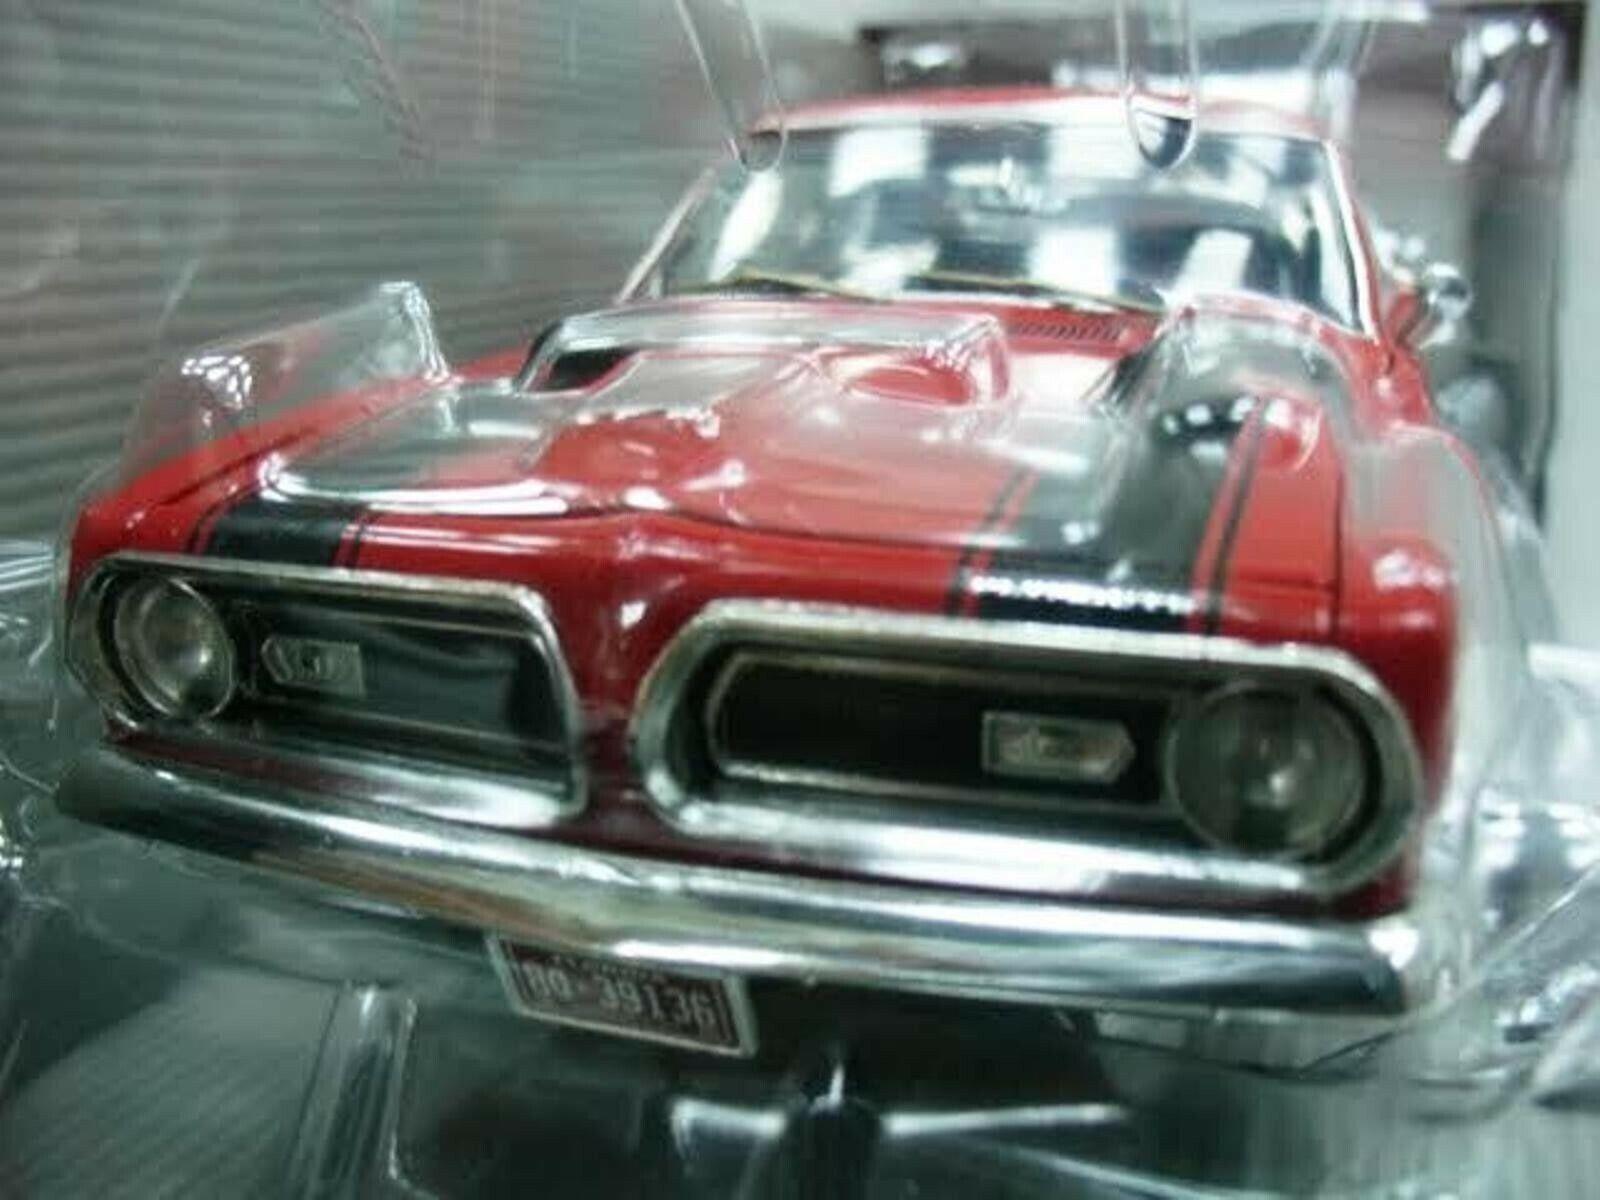 WOW estremamente raro PLYMOUTH BARRACUDA 440 V8 CUDA 1969 Rosso 1 18 Highway 61-ERTL